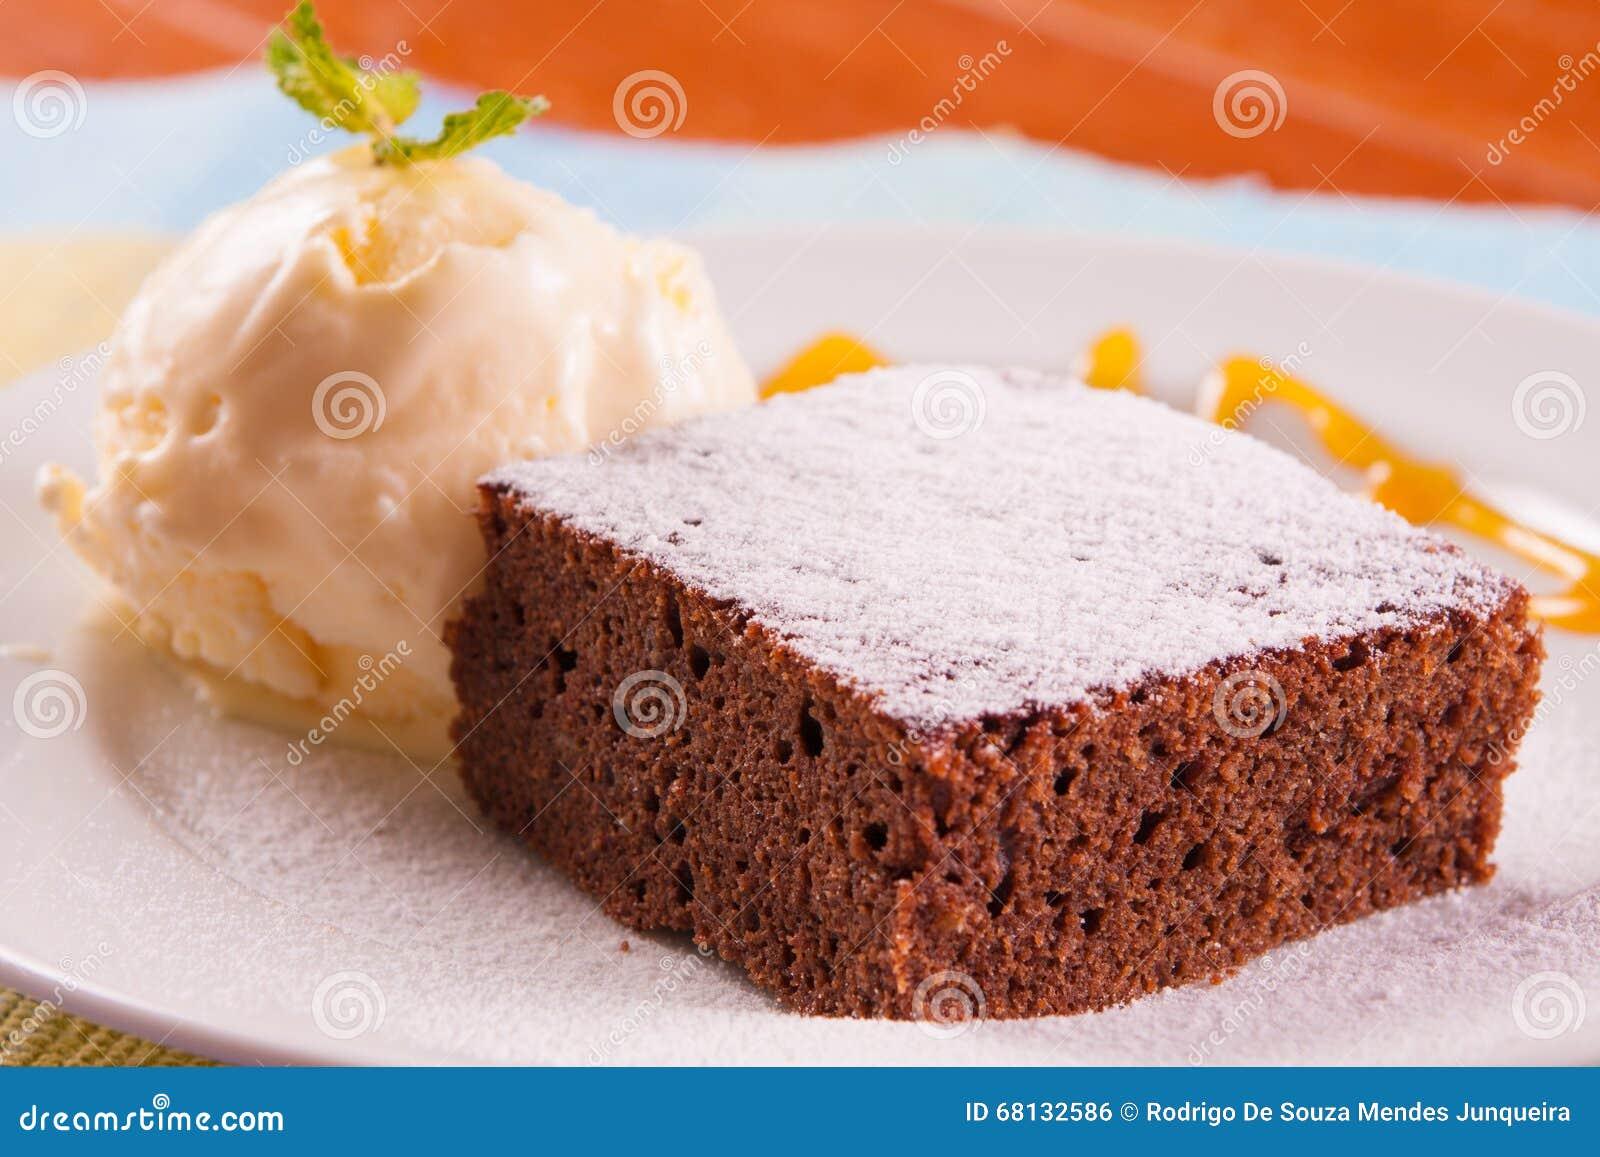 Postre de la torta de chocolate